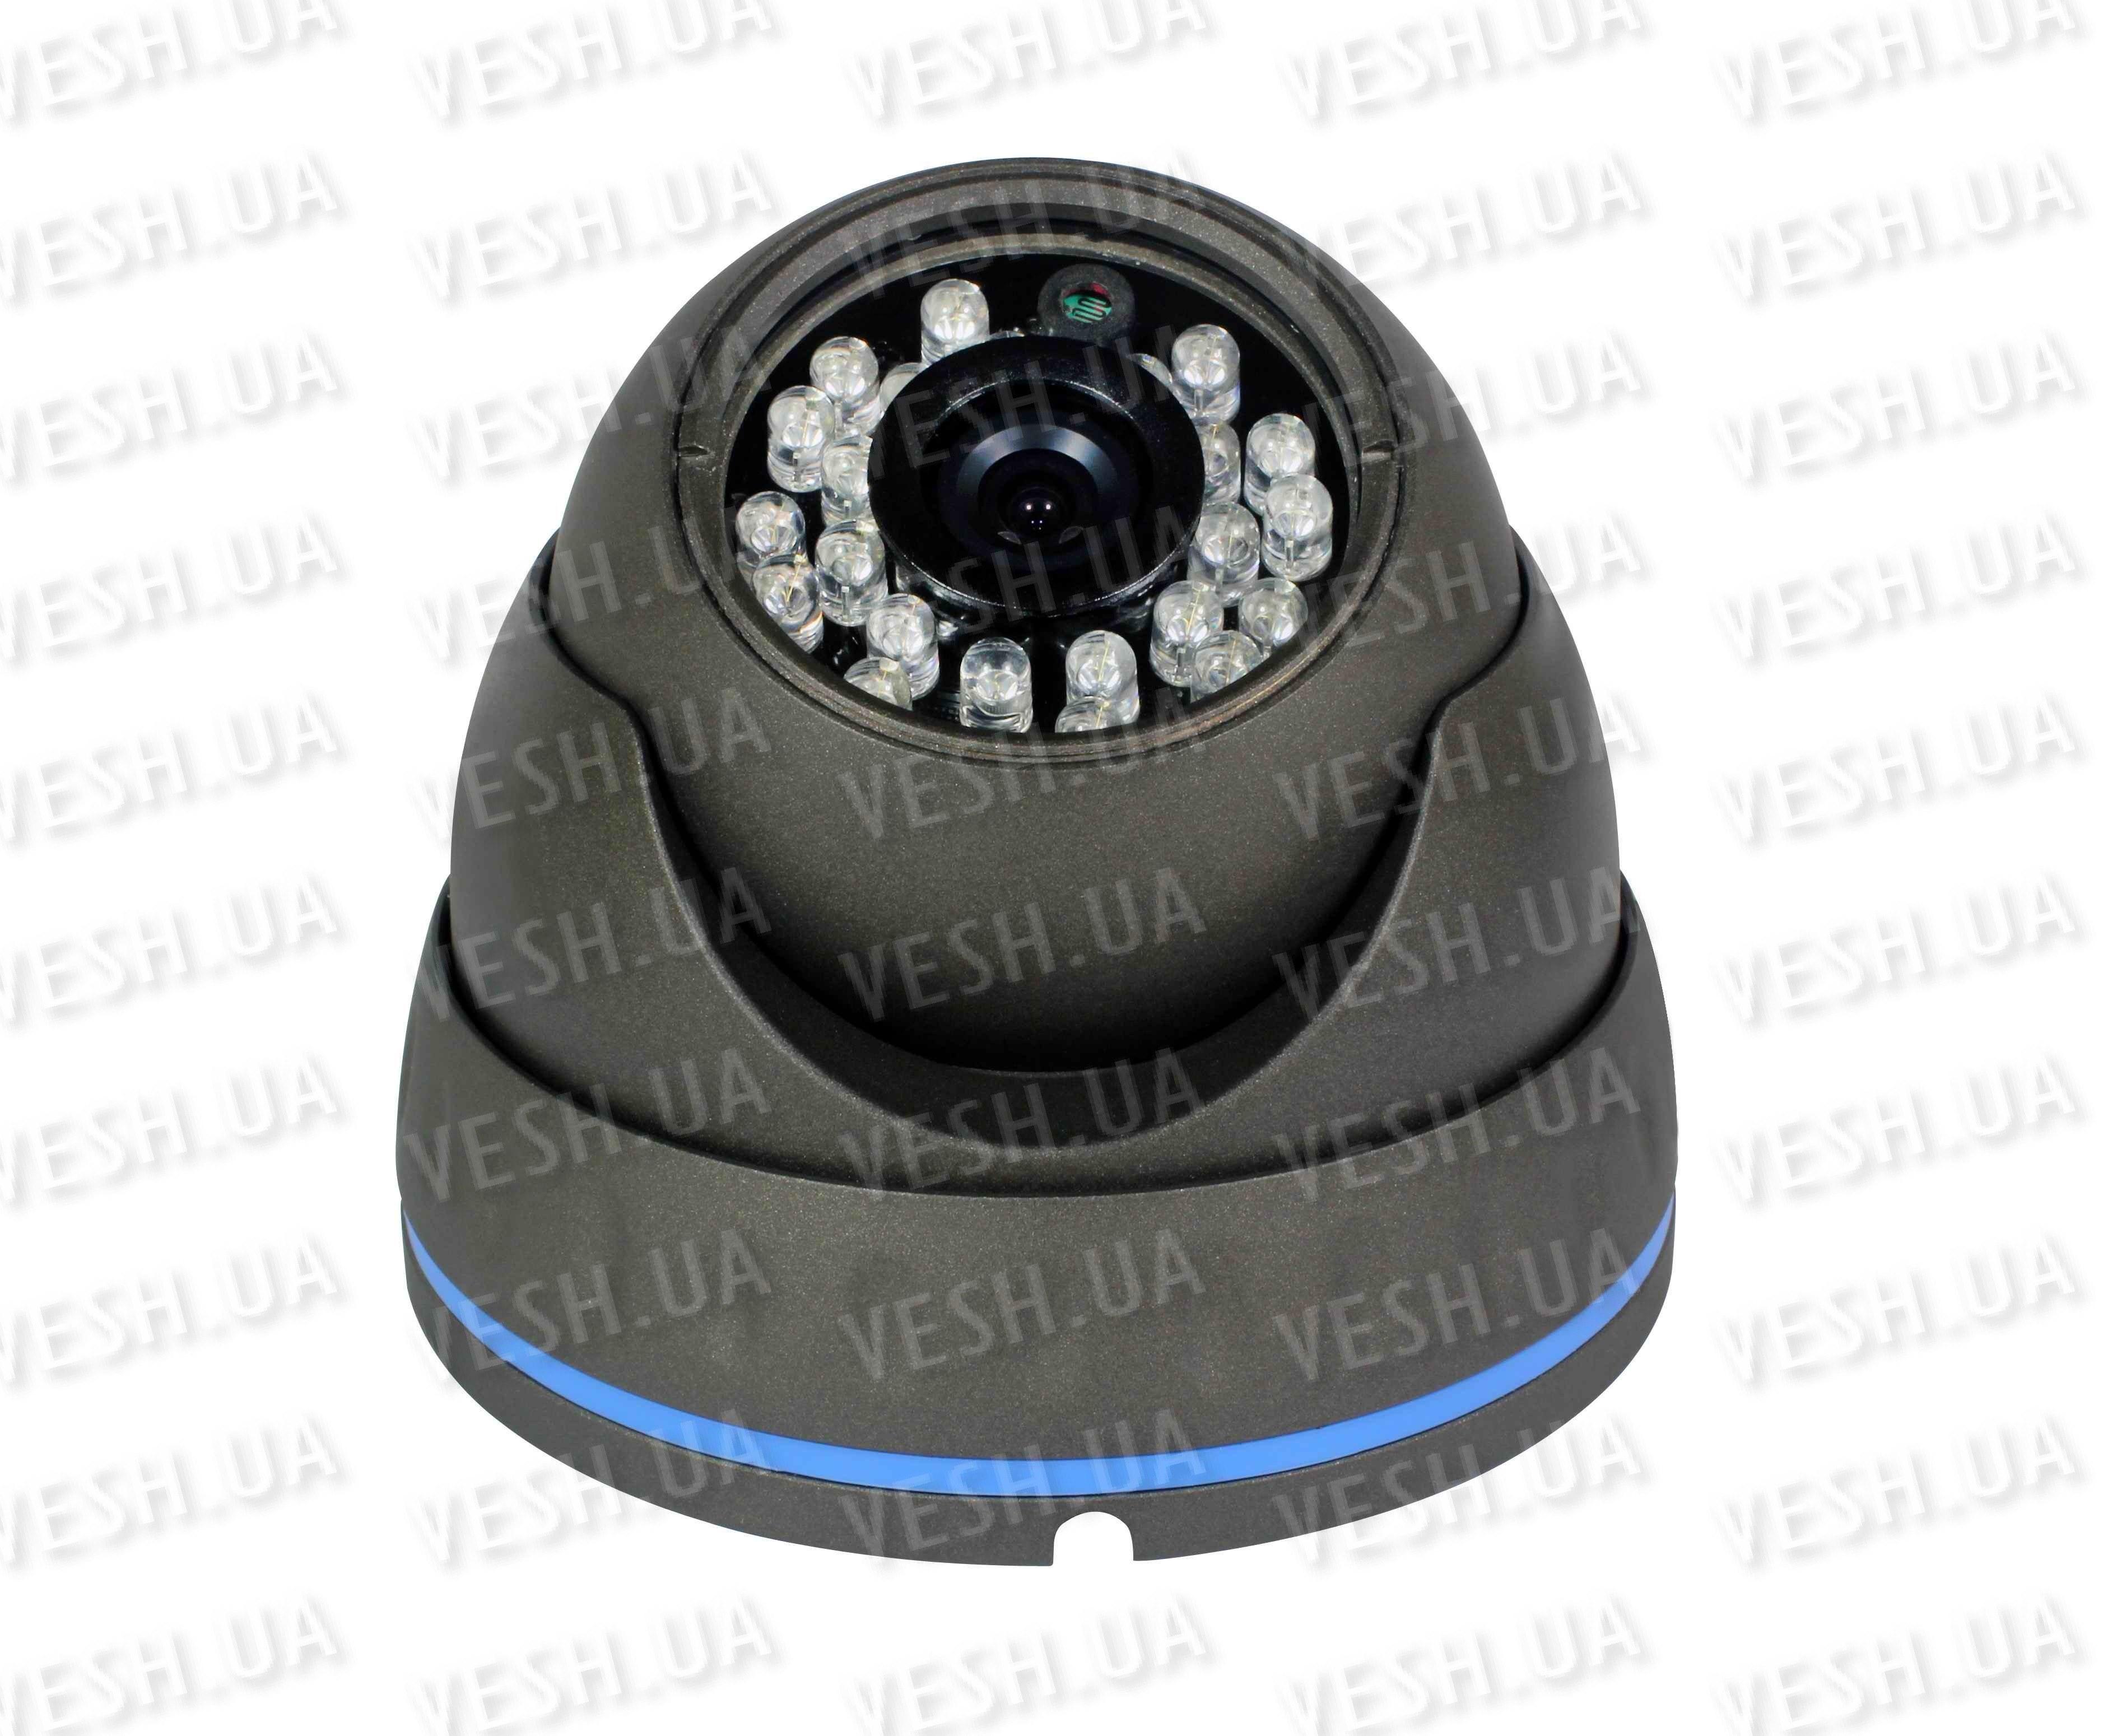 """Наружная купольная CCTV цветная охранная камера видеонаблюдения 1/3"""" COLOR SONY Super HAD II, 600 TVL, 0 LUX, ИK до 20 метров модель NIRE600"""